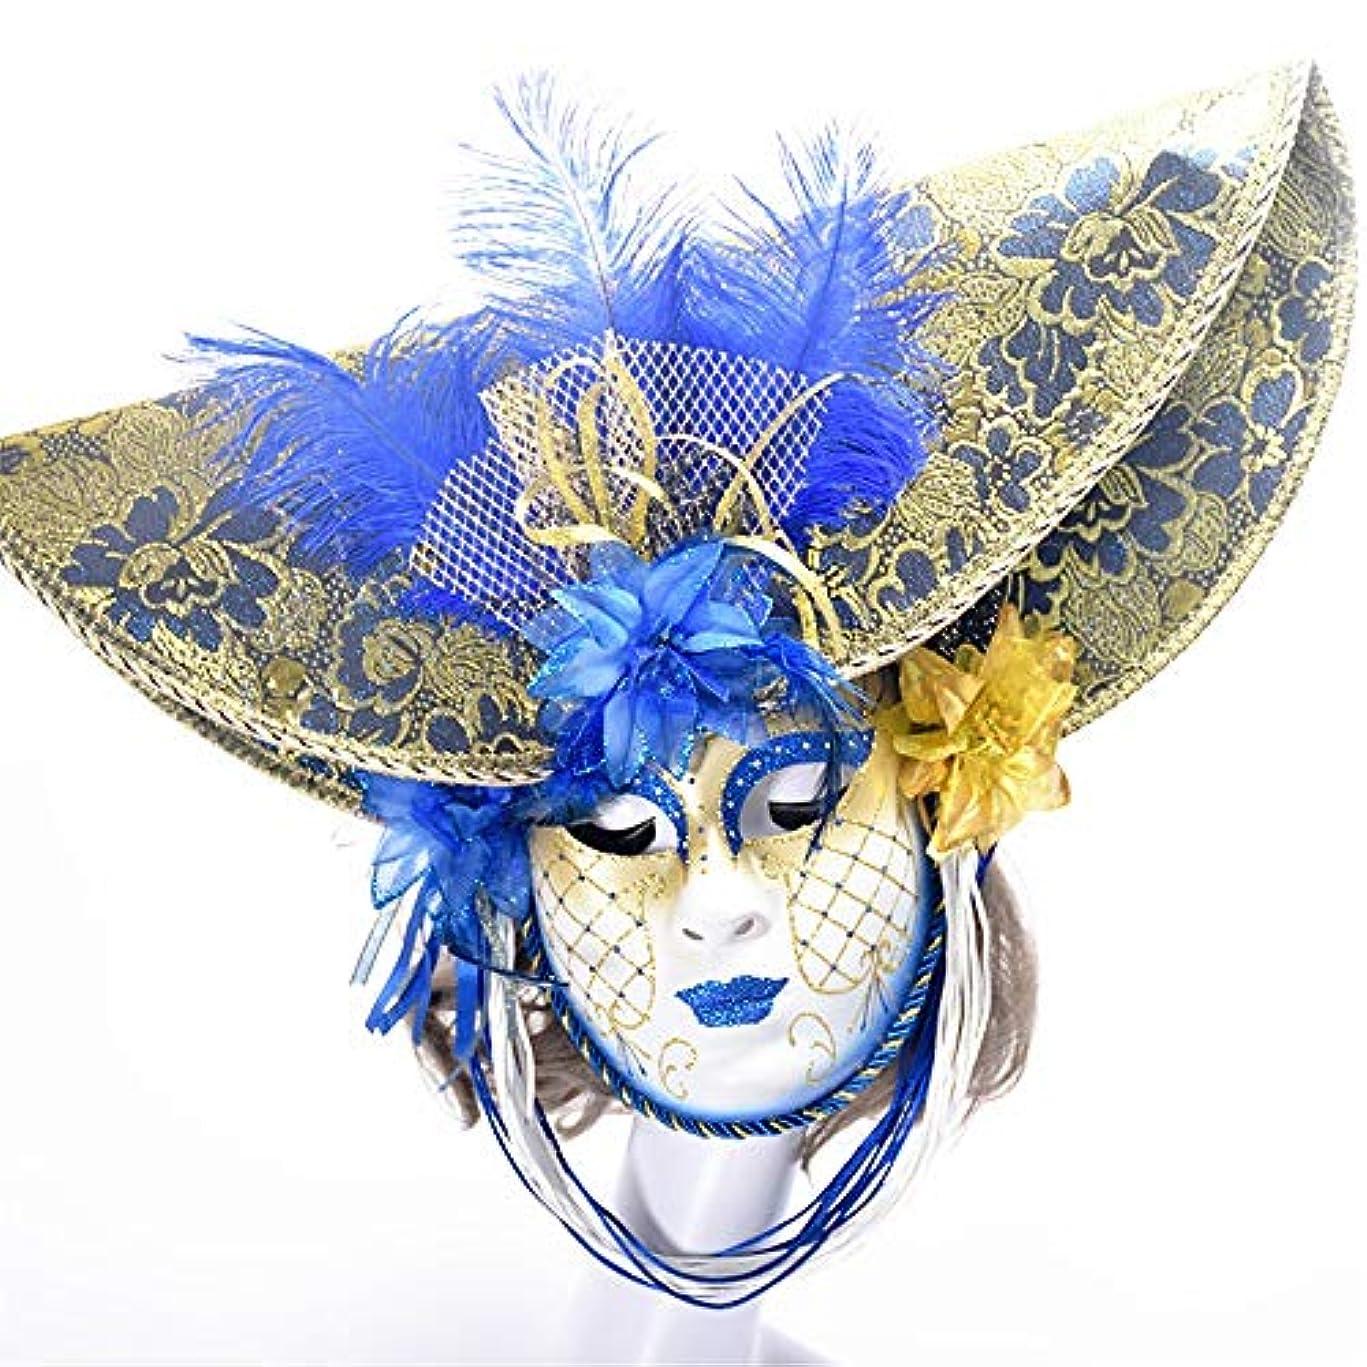 貨物愛情ペチュランスダンスマスク 手描きフルフェイスマスク大人仮装パーティーブルーフェイスナイトクラブパーティーフェスティバルロールプレイングプラスチックマスク ホリデーパーティー用品 (色 : 青, サイズ : 55x35cm)